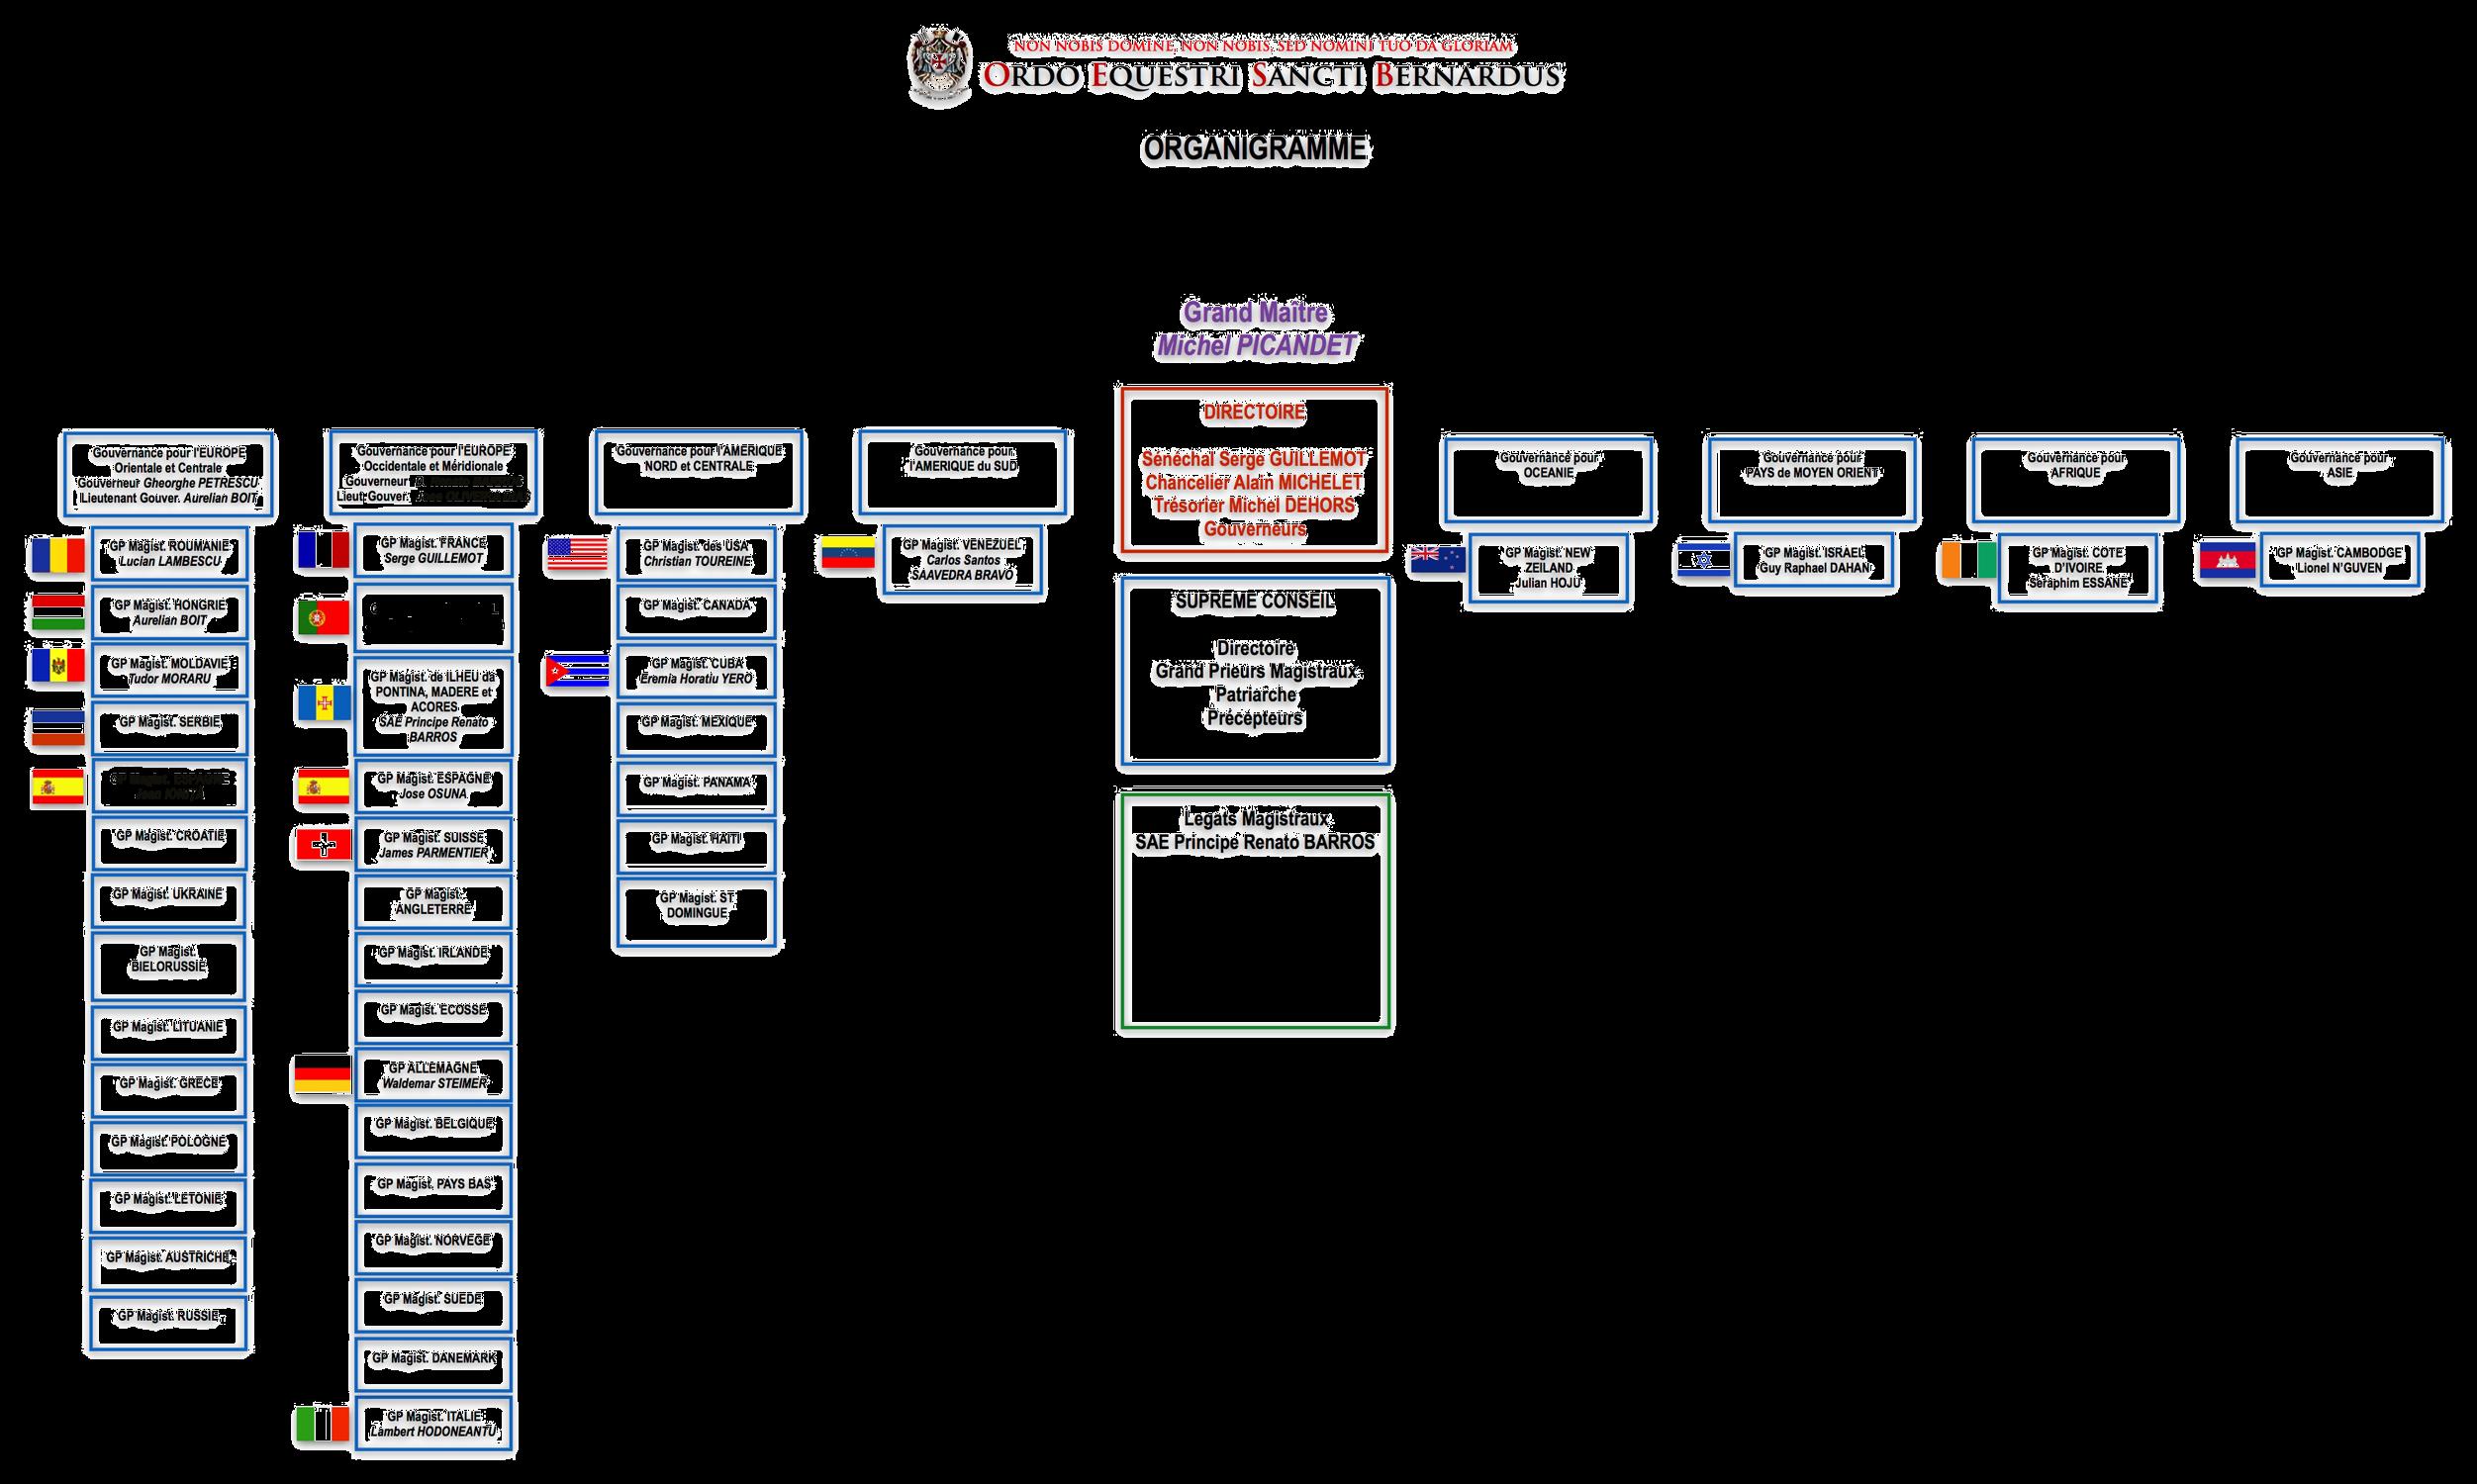 organigrama-OESB